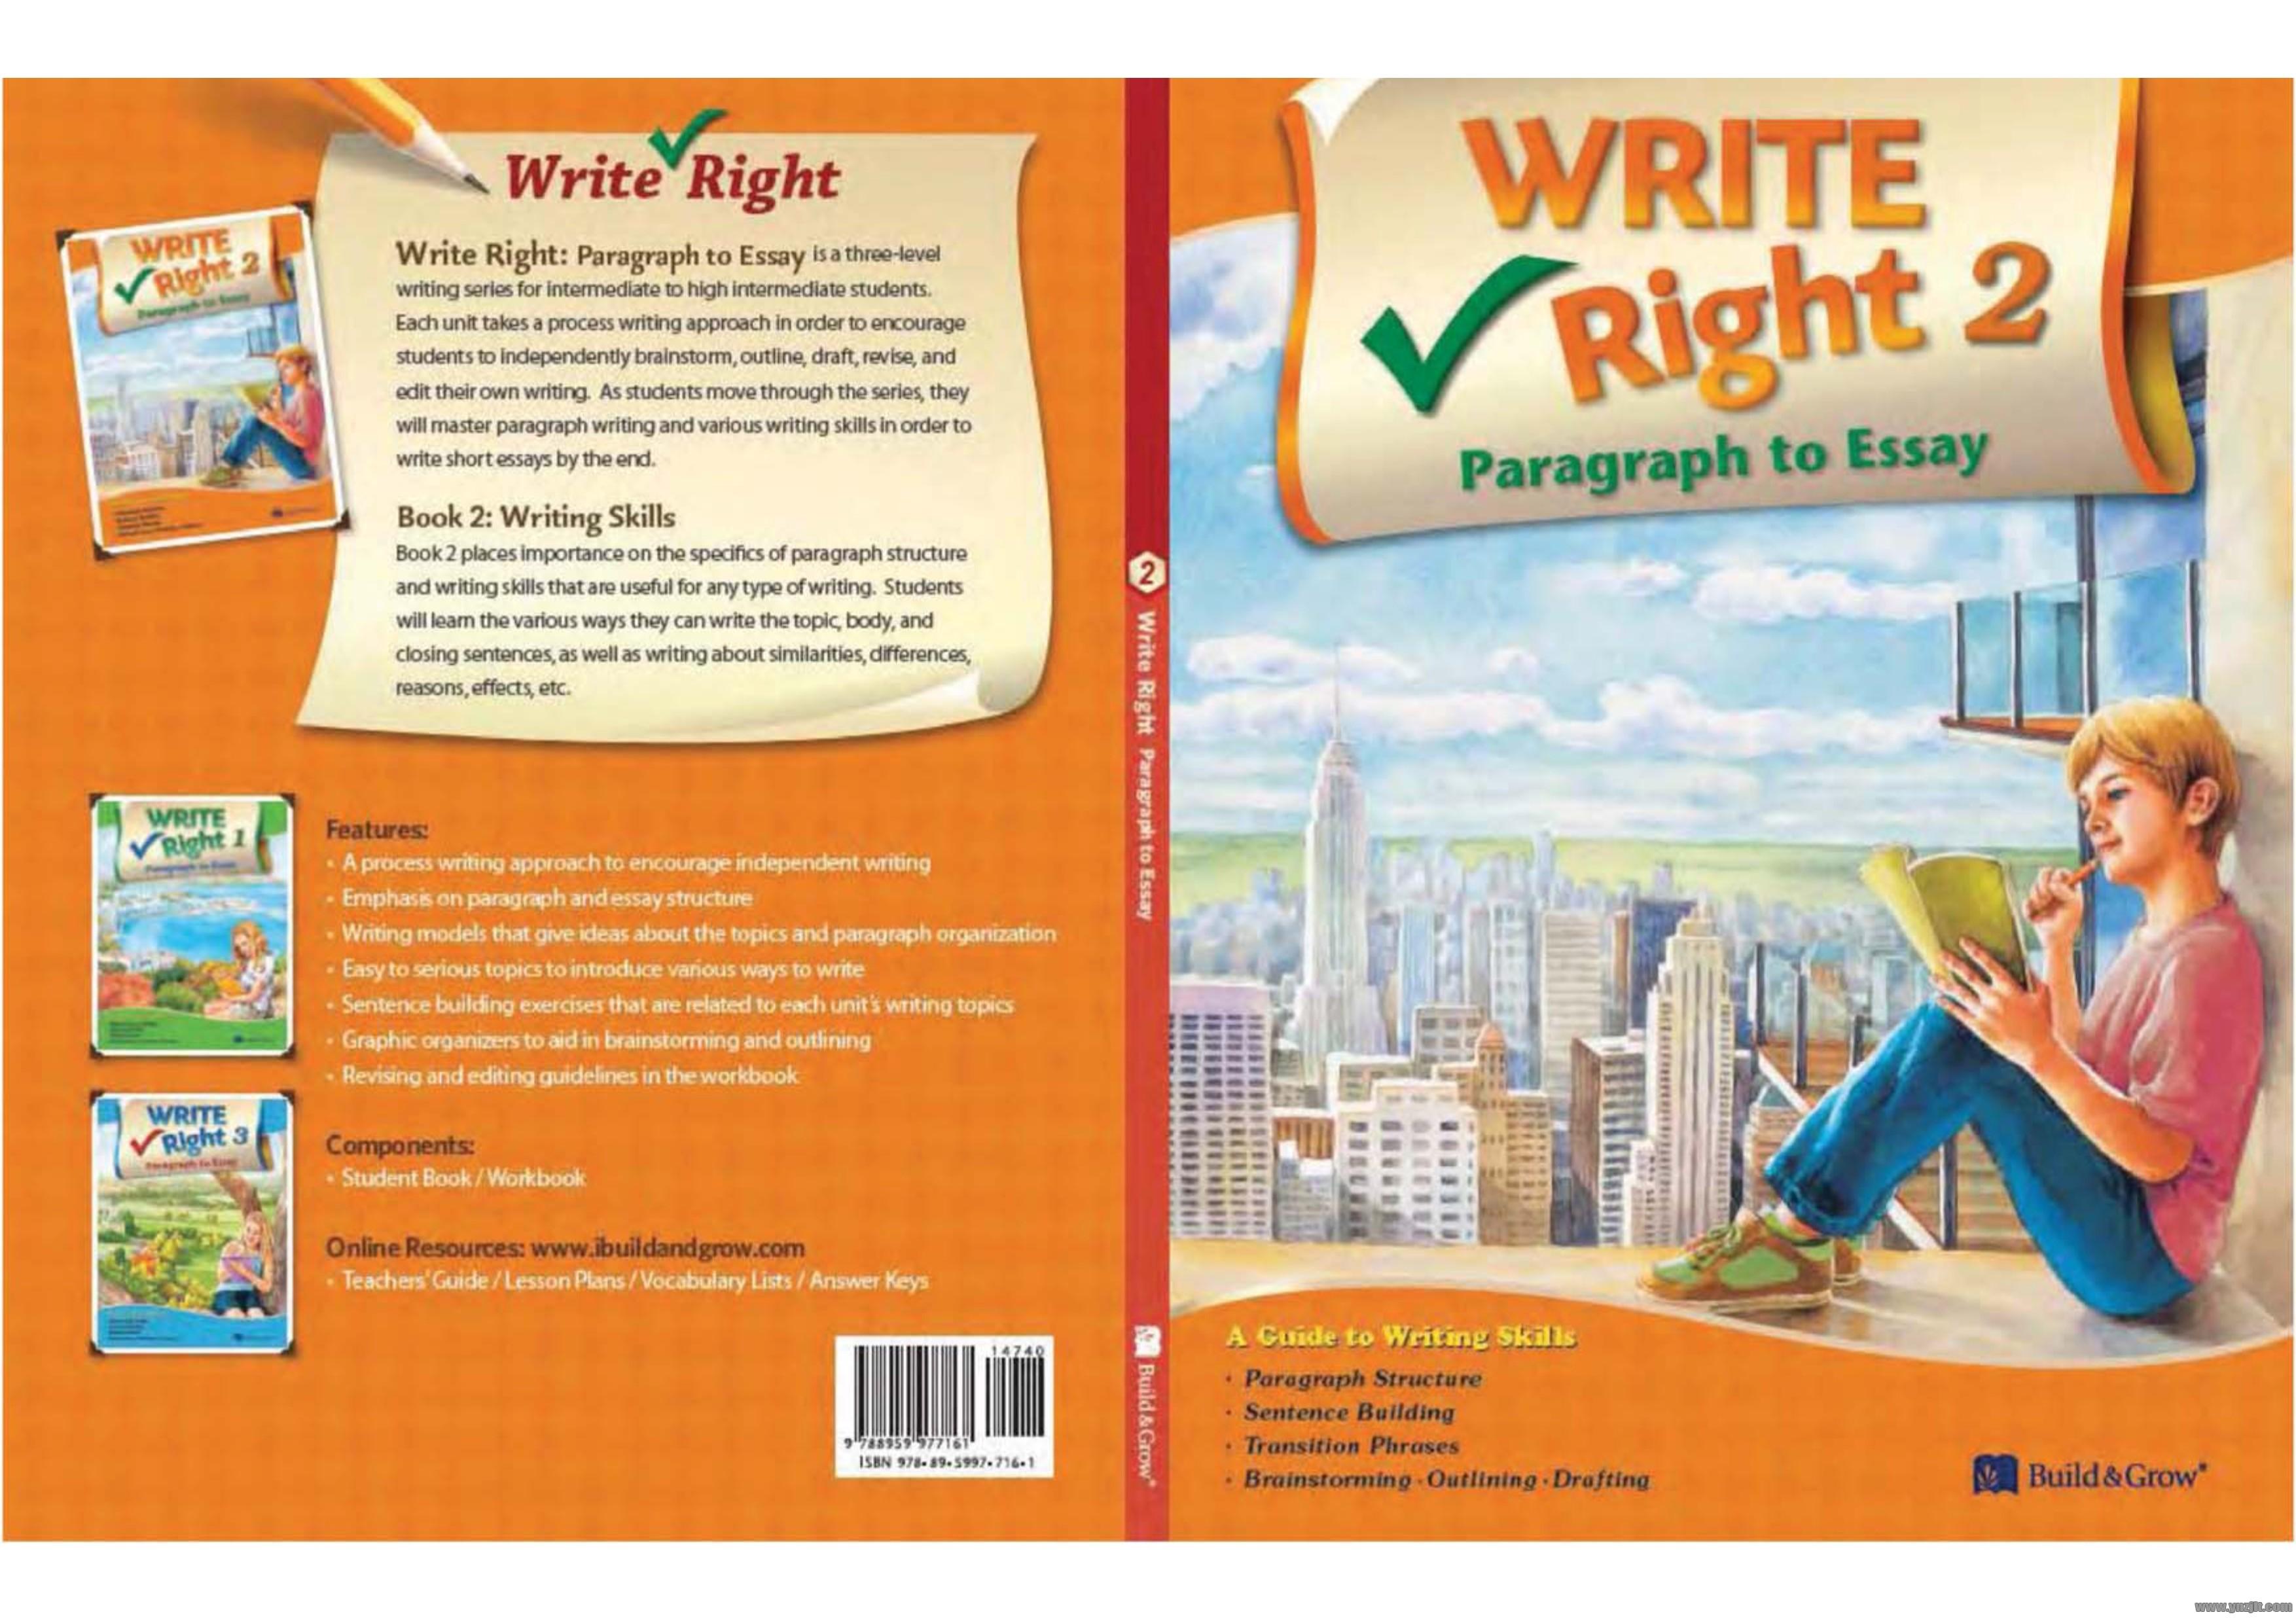 美国高中生英文写作教材Write Right Paragraph to Essay全三级PDF学生用书+教师用书百度网盘下载